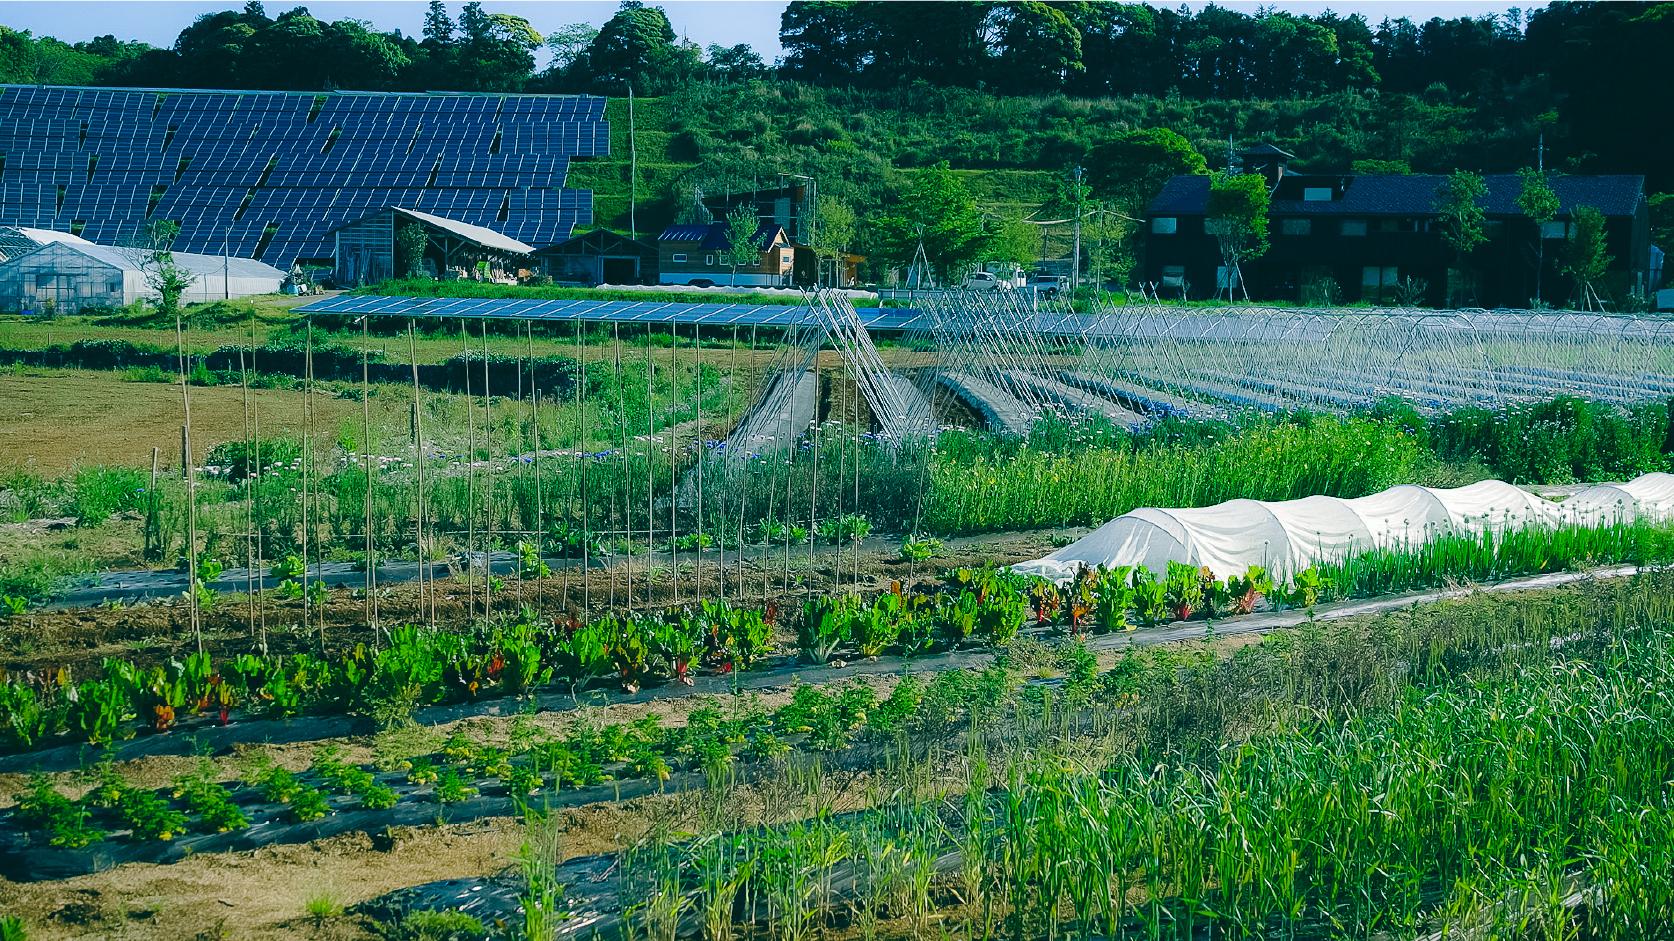 多種多様な作物が実る「エディブルガーデン」では、農業体験ができる